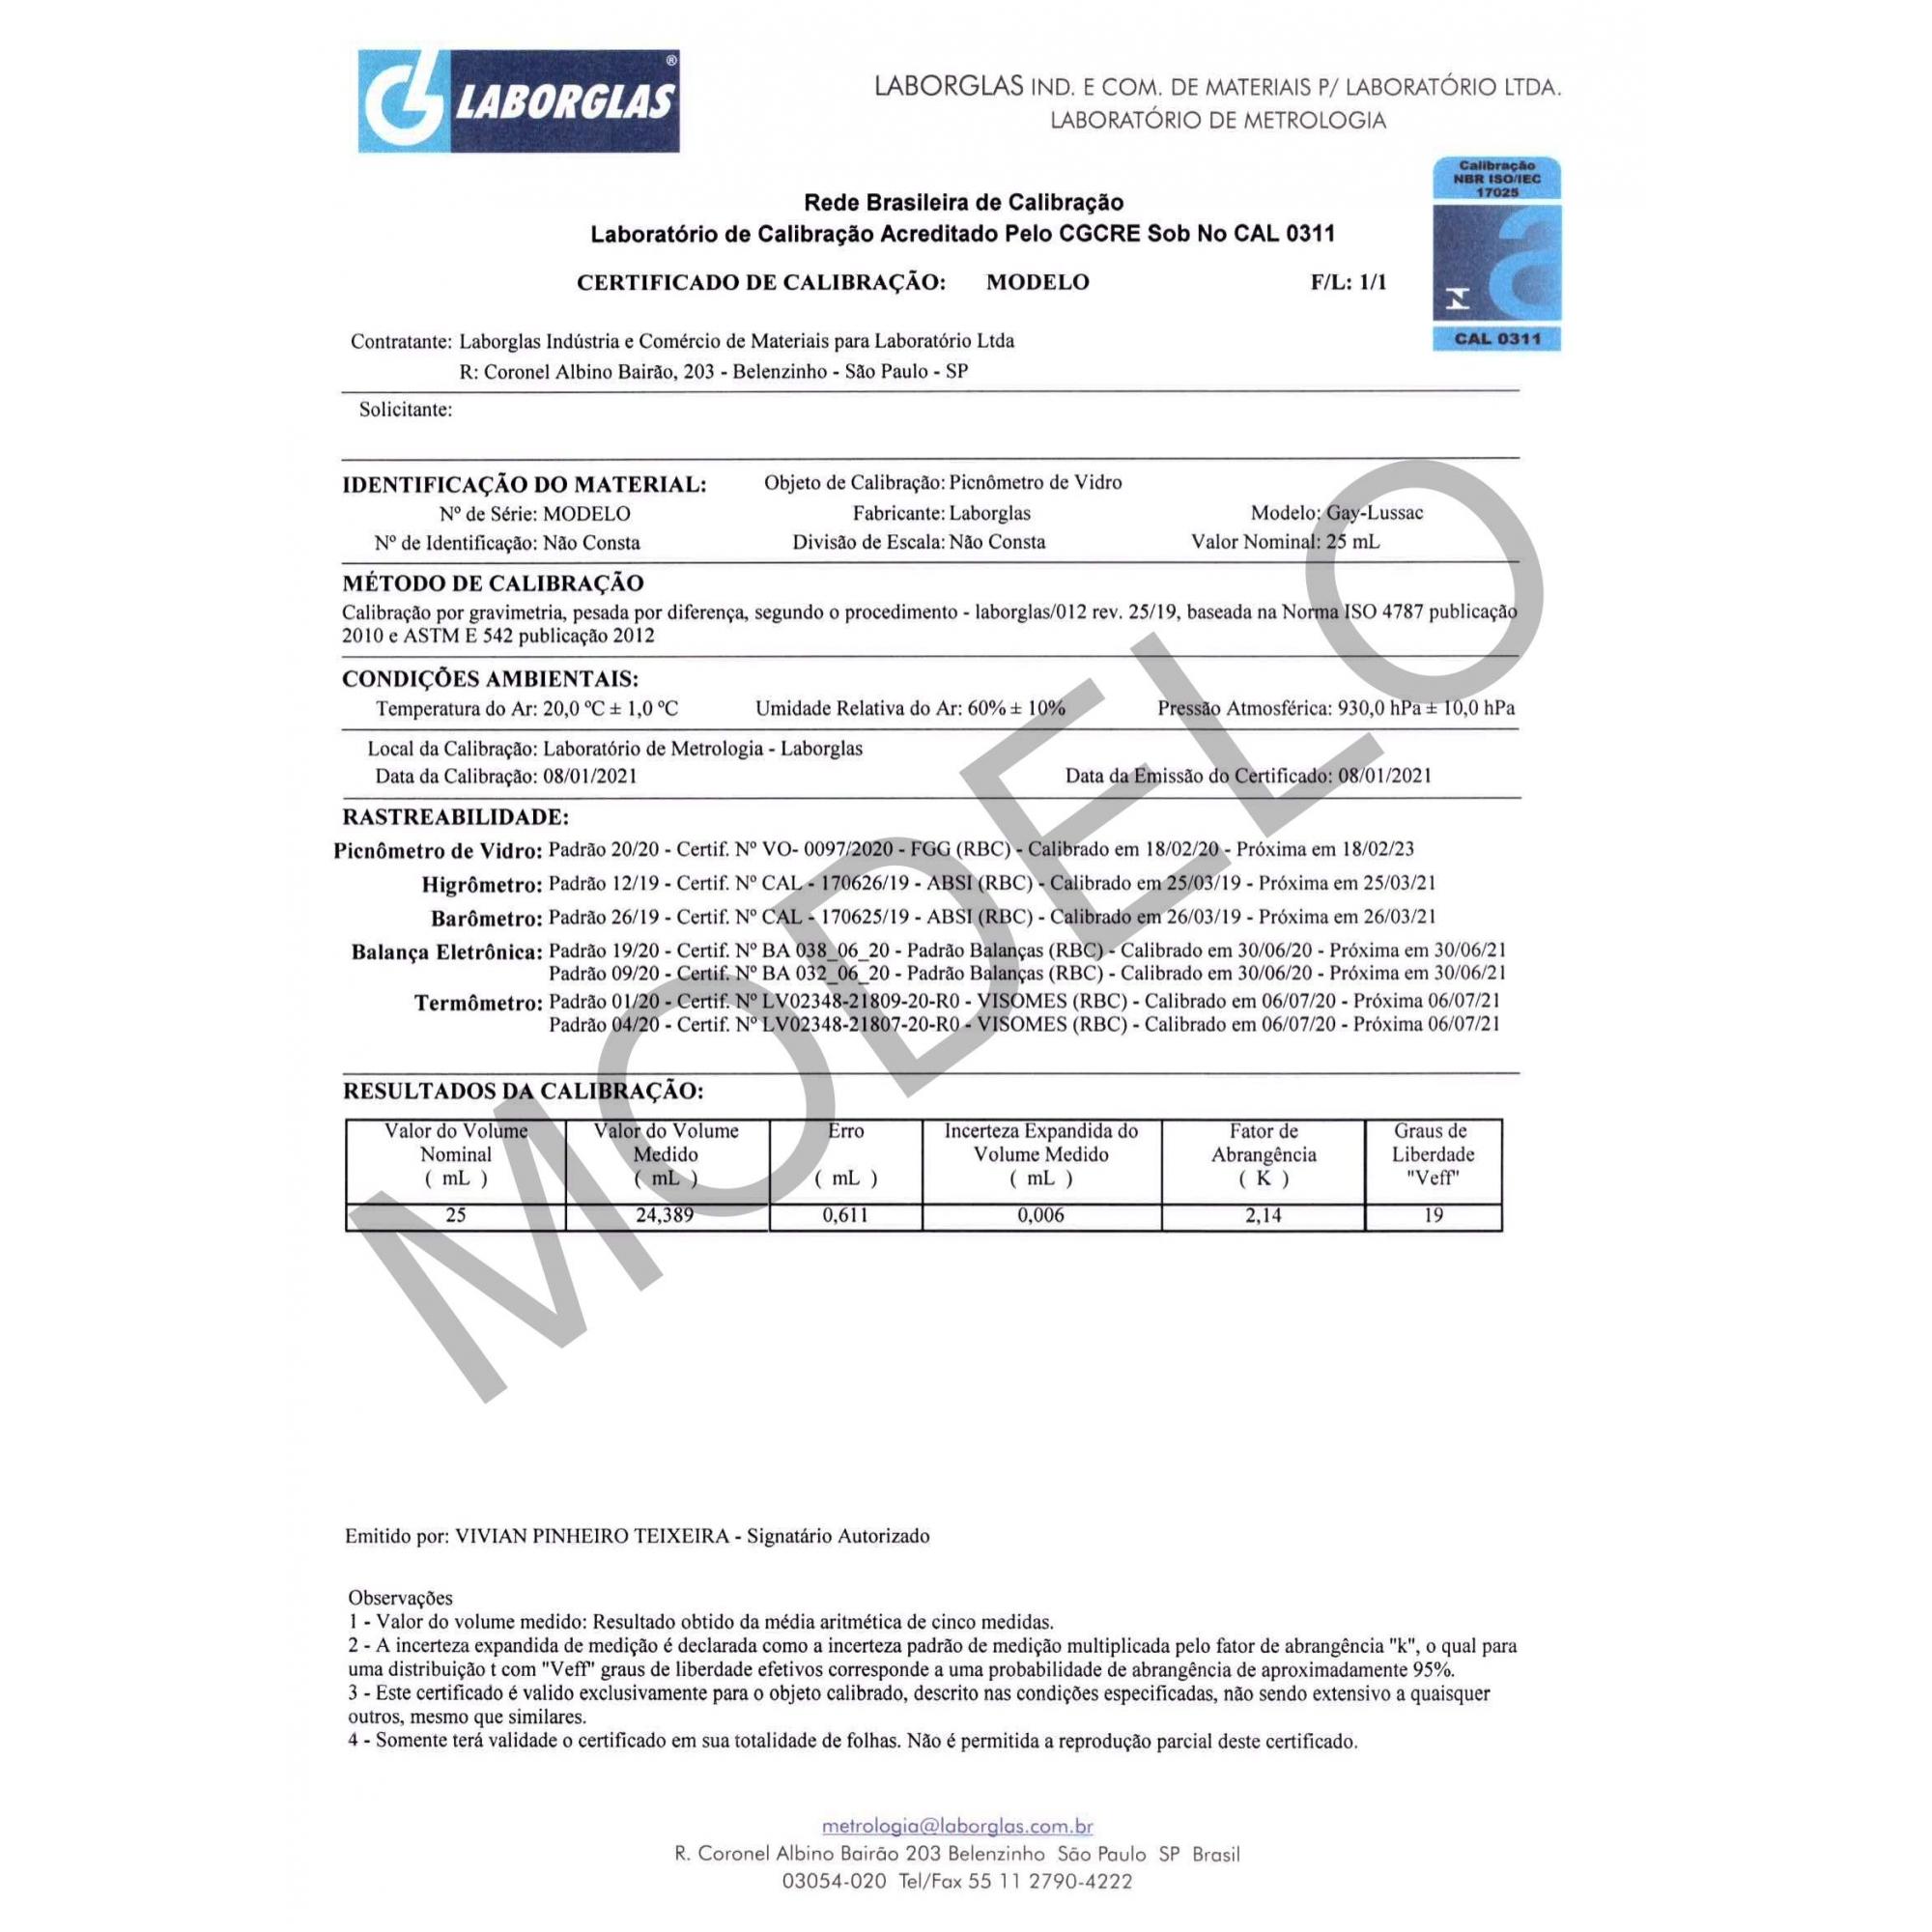 PICNÔMETRO GAY-LUSSAC COM SAÍDA LATERAL COM TERMÔMETRO 10 ML E CERTIFICADO RBC - Laborglas - Cód. 9491208-R